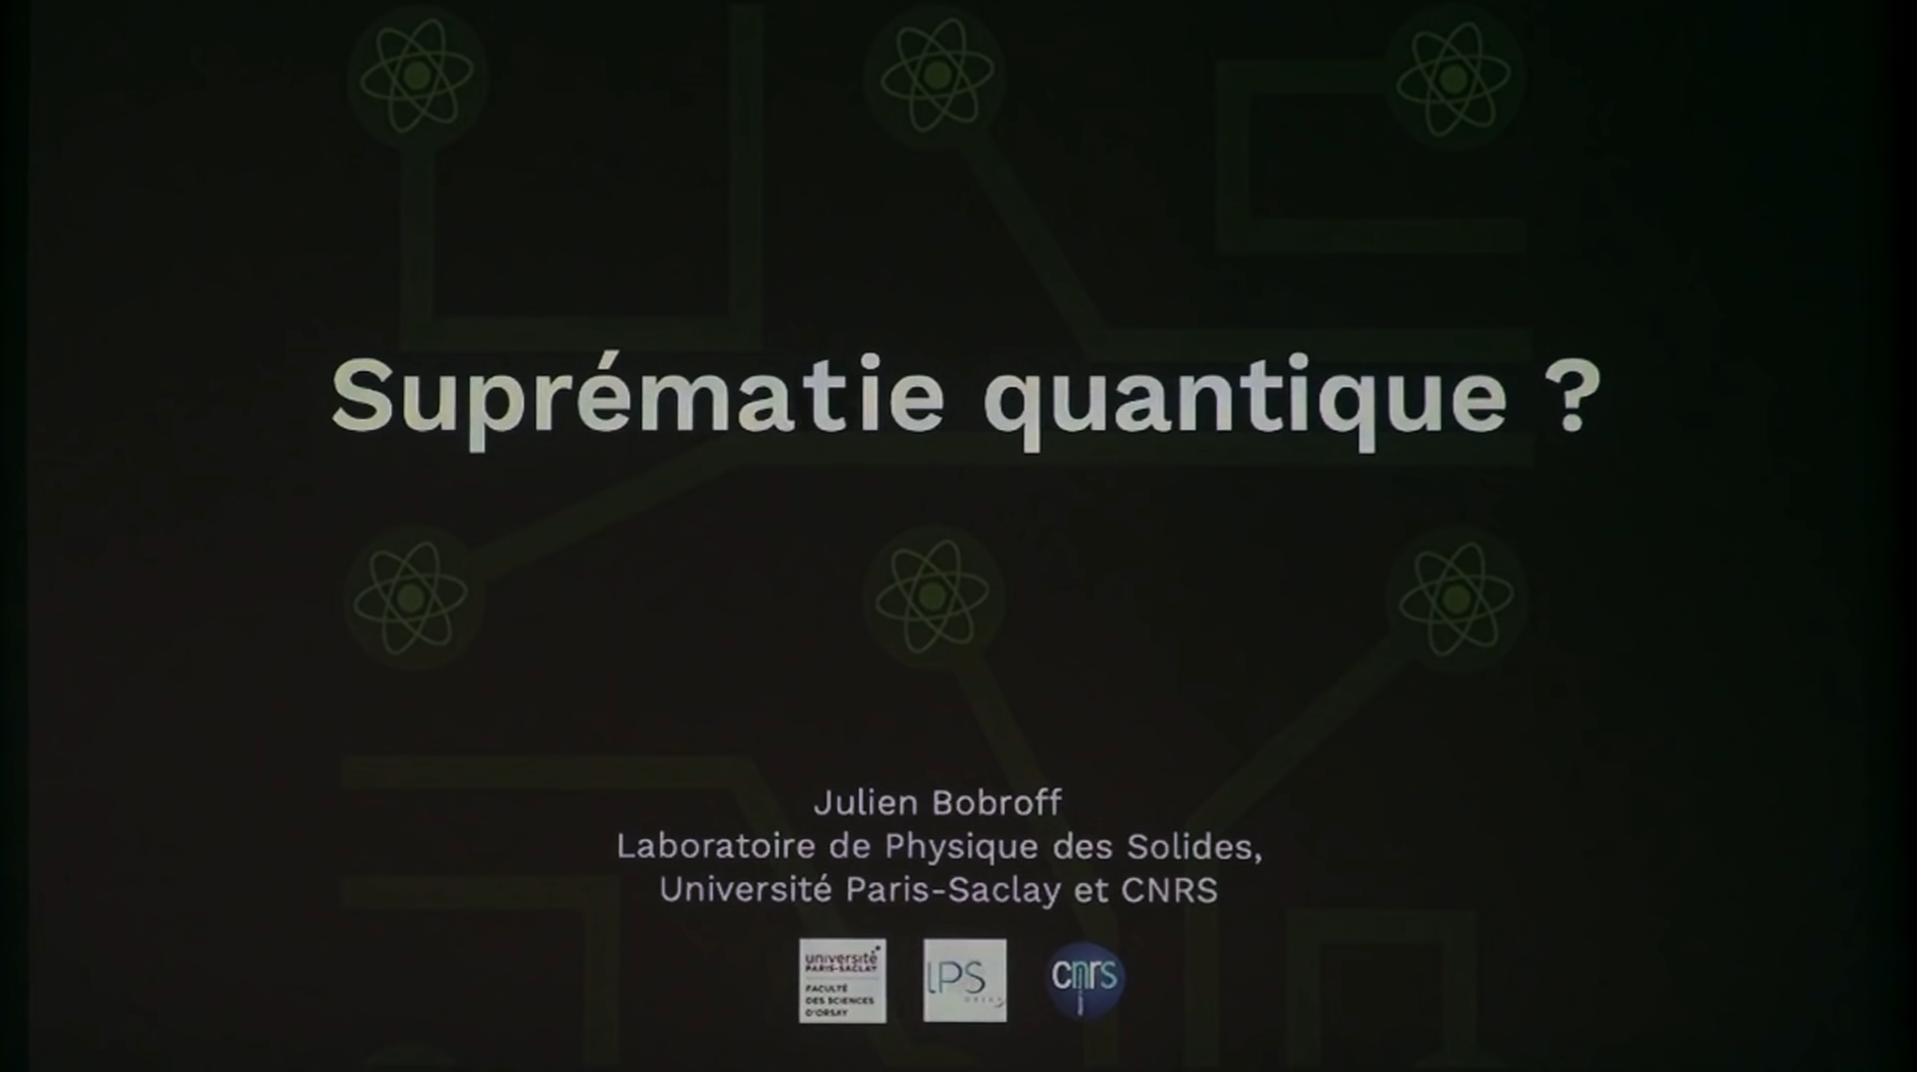 [Conférence] Julien Bobroff – Suprématie Quantique ?